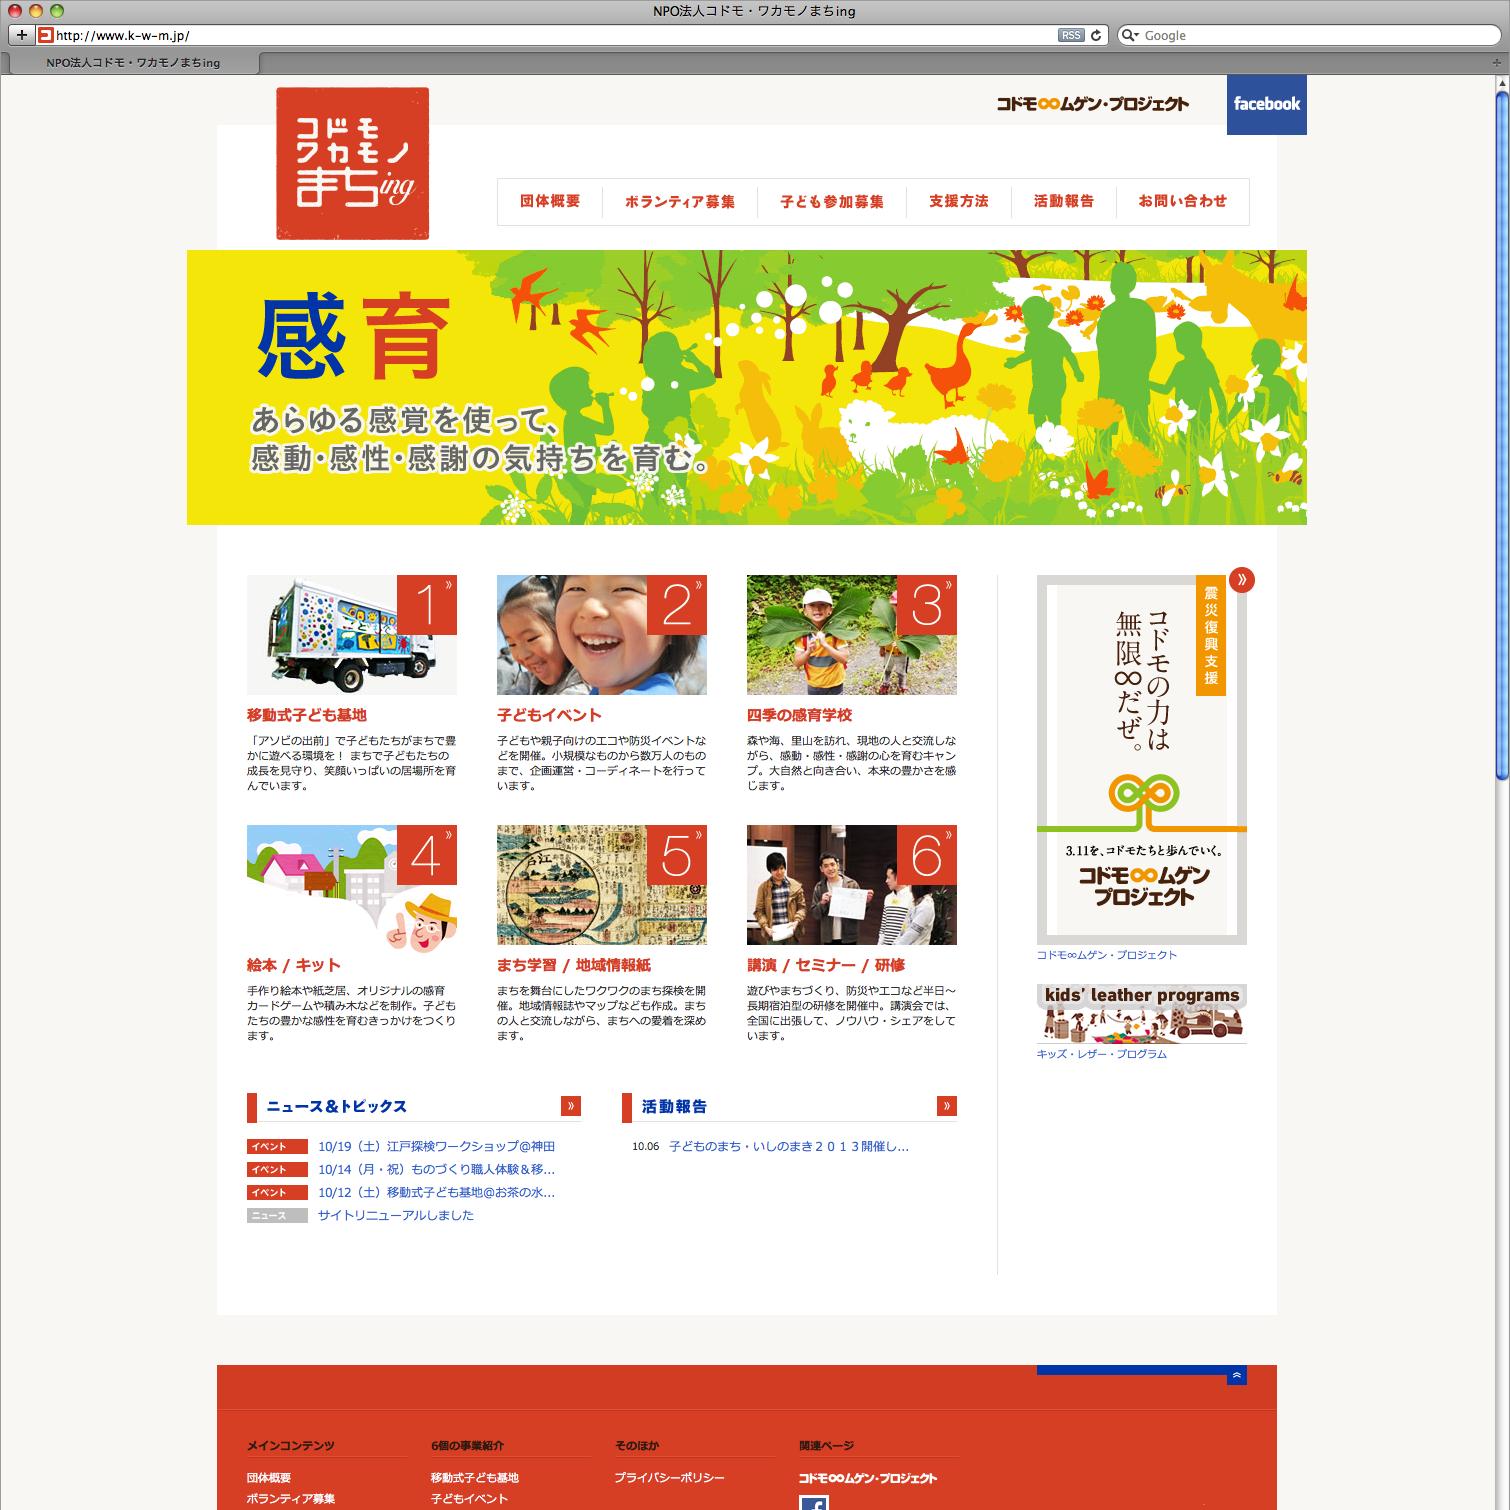 NPO コドモ・ワカモノ・まちing|ウェブデザイン CIロゴデザイン ブランドデザイン|東京都千代田区